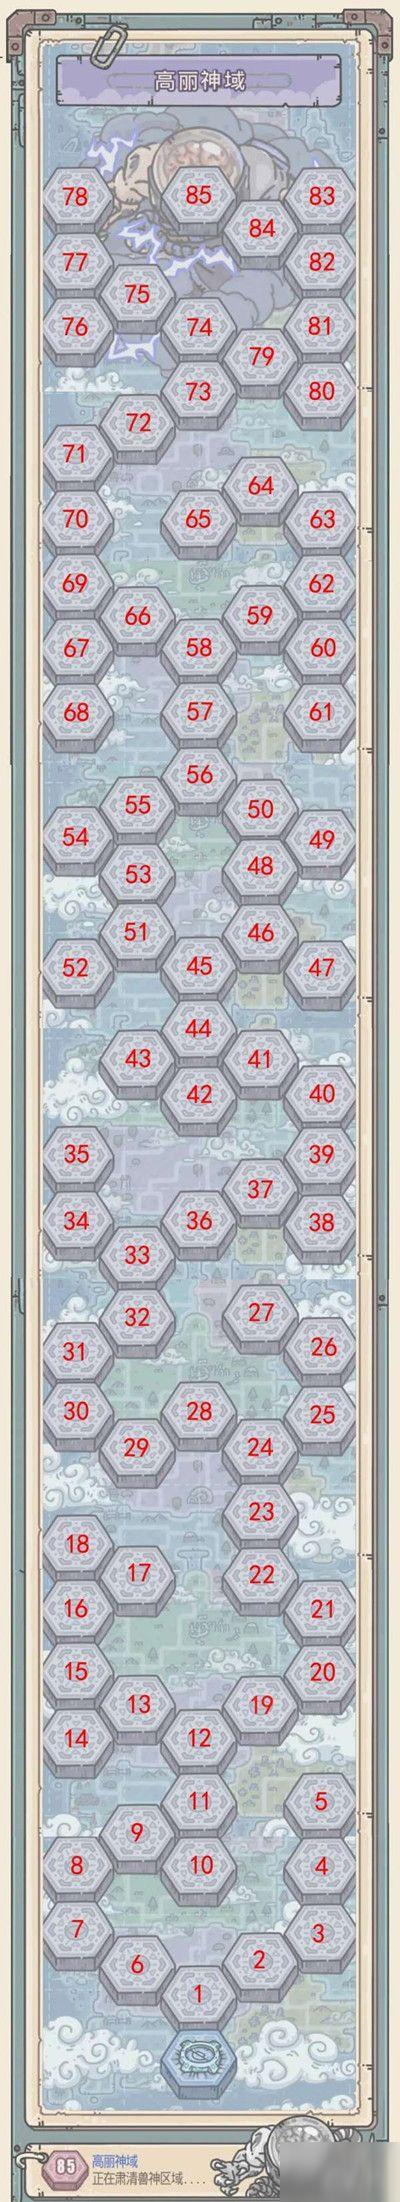 最强蜗牛高丽神域怎么打 新玩法探索路线图打法详解